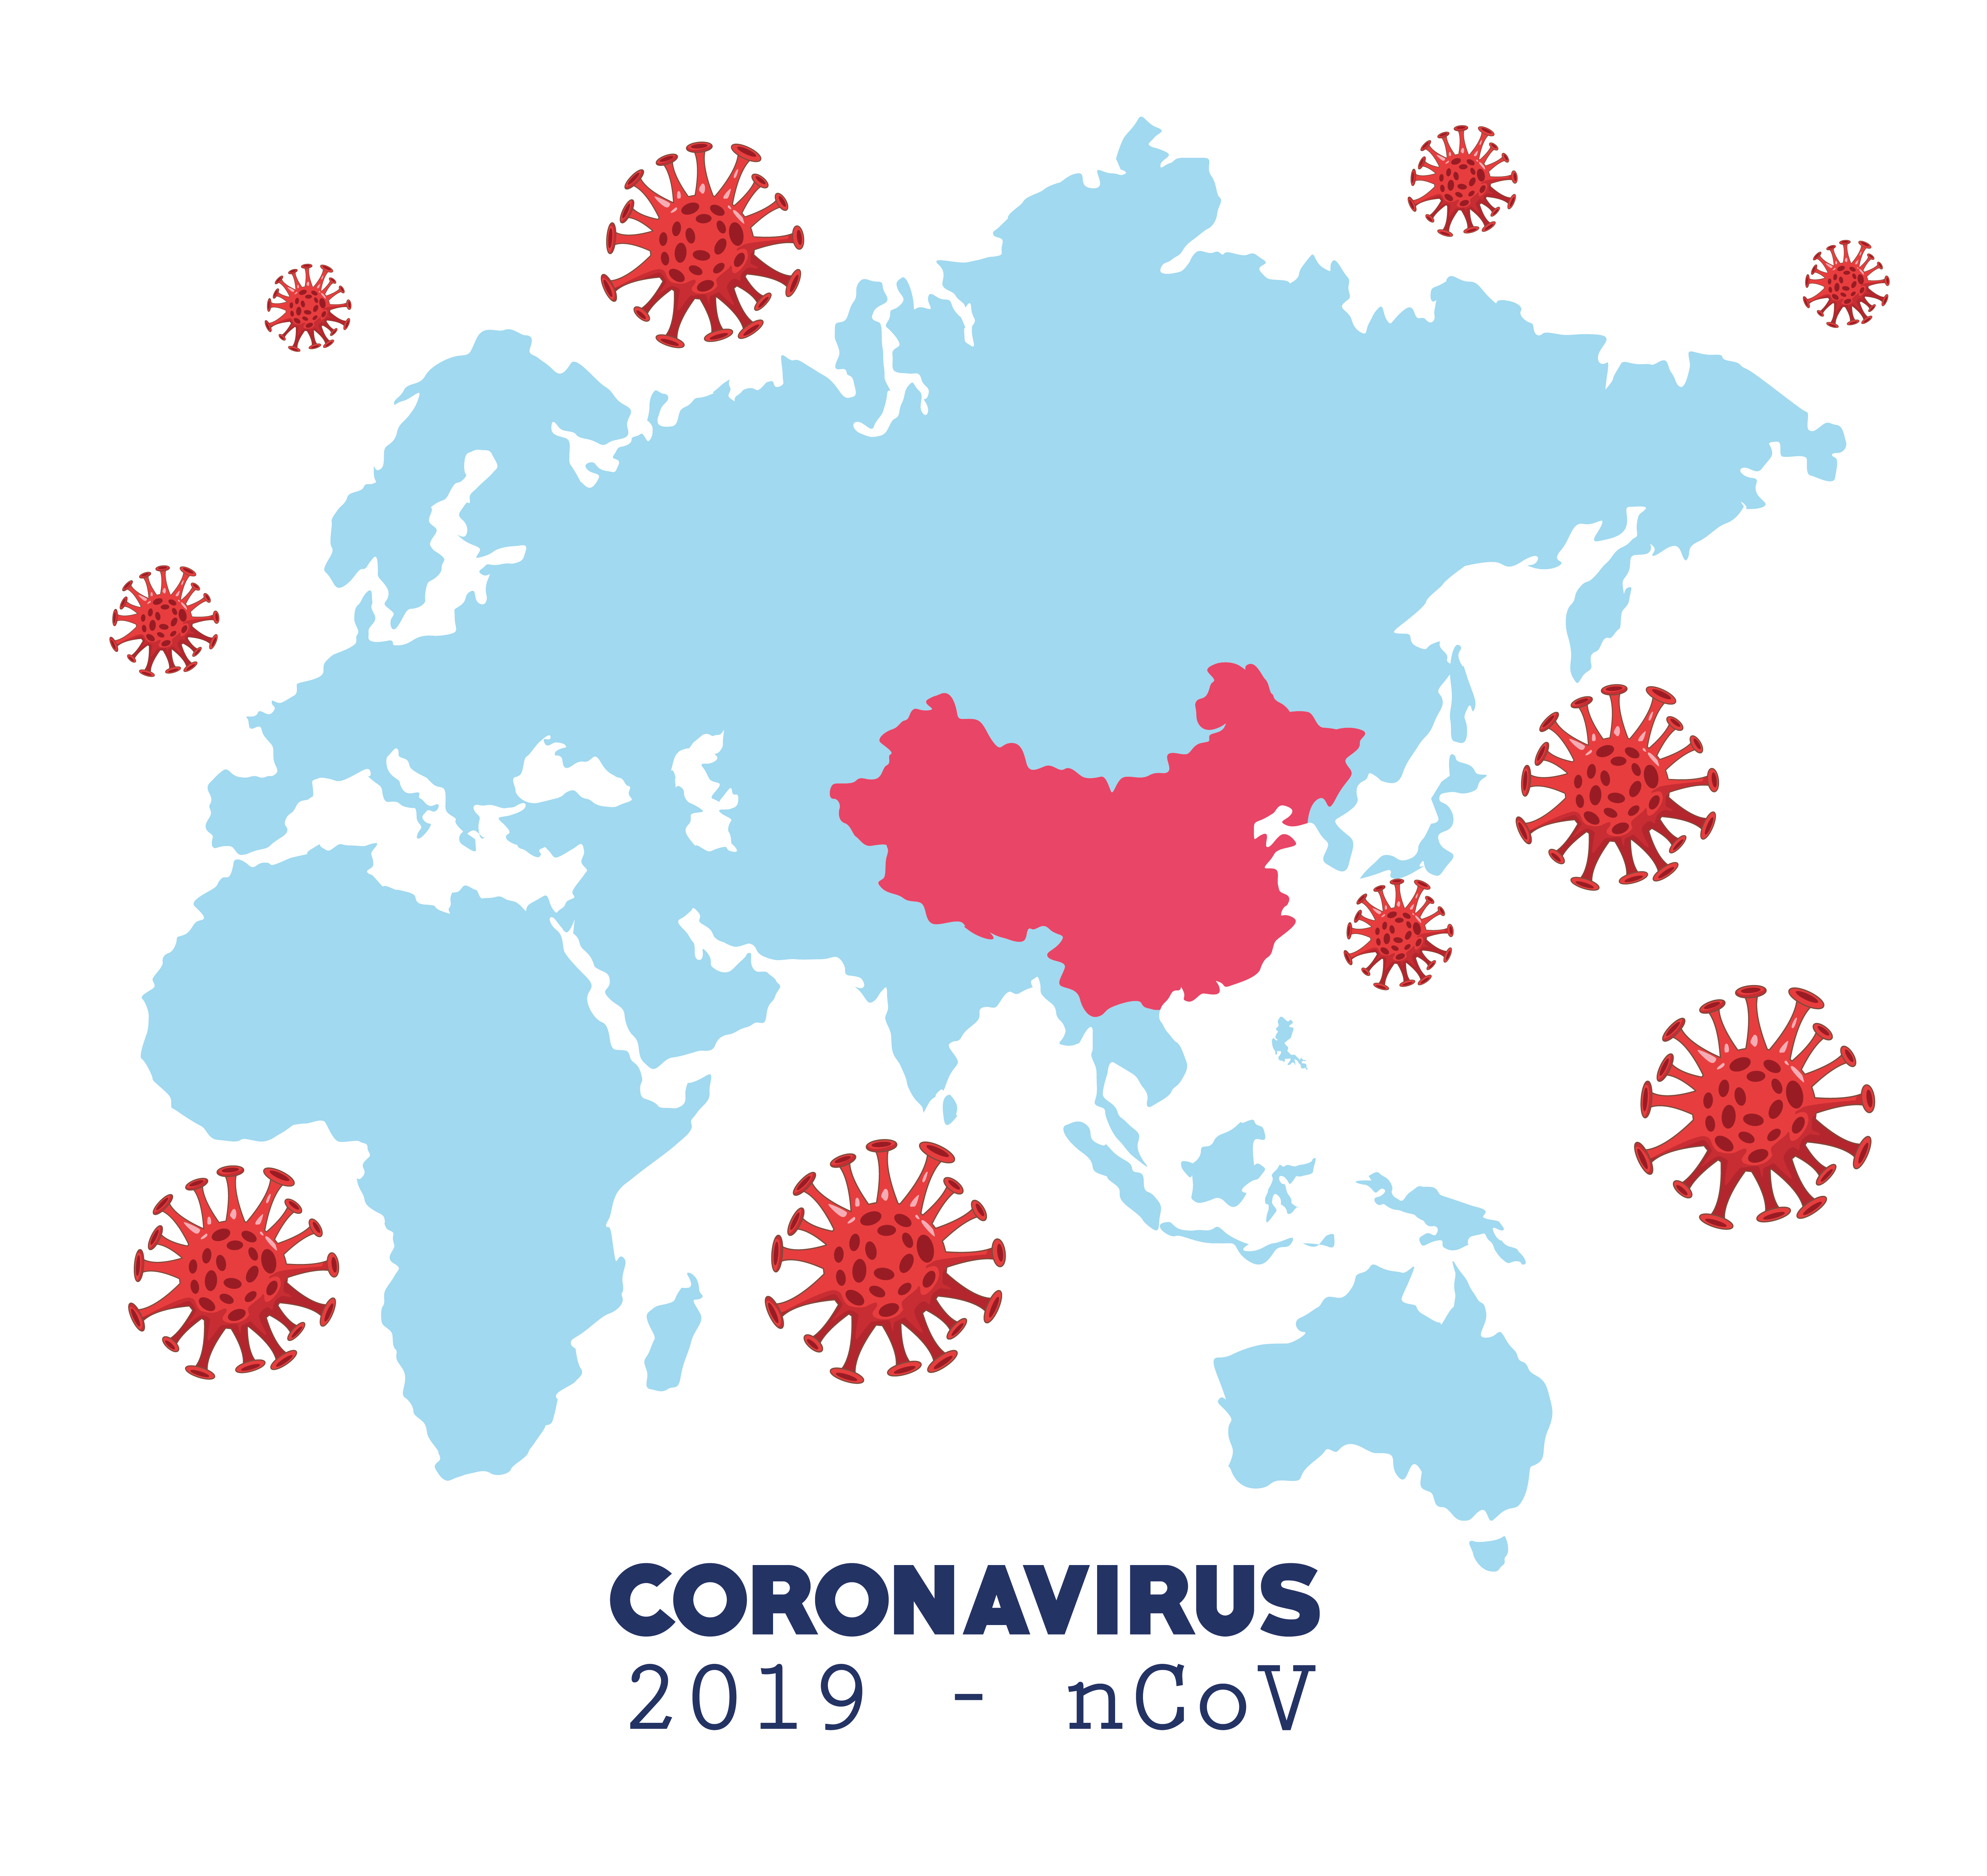 infografía de coronavirus con mapa mundial